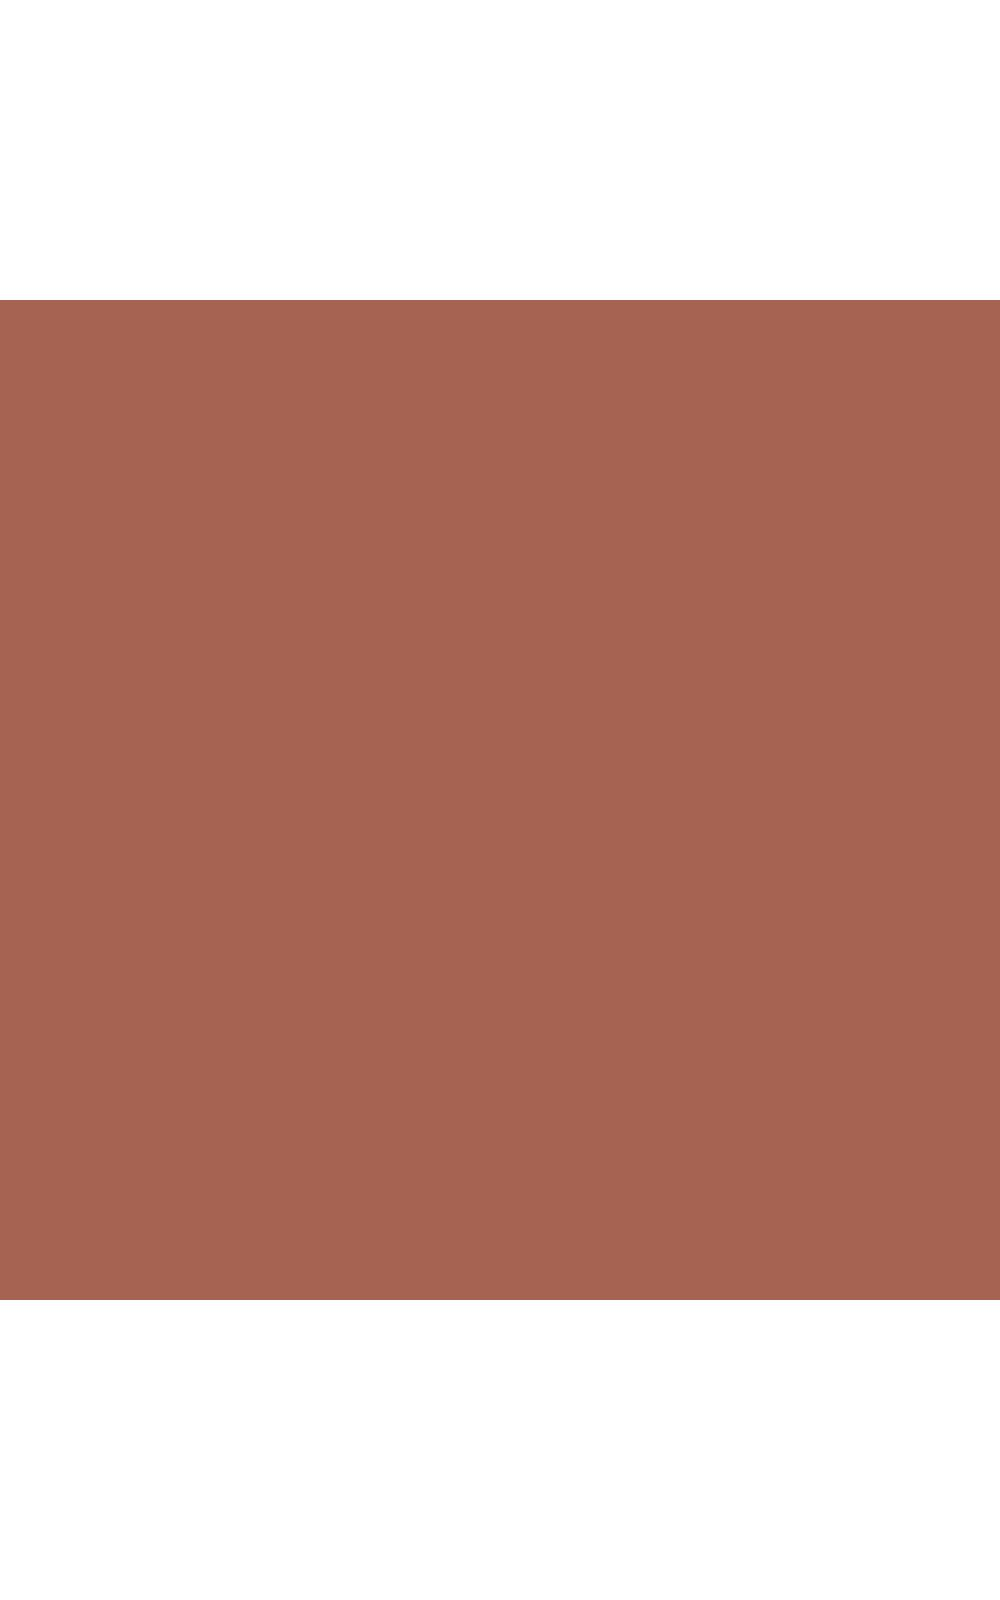 Foto 2 - Cellophanes Sebastian 300ml - Tratamento para Cabelos Coloridos - Saffron Red